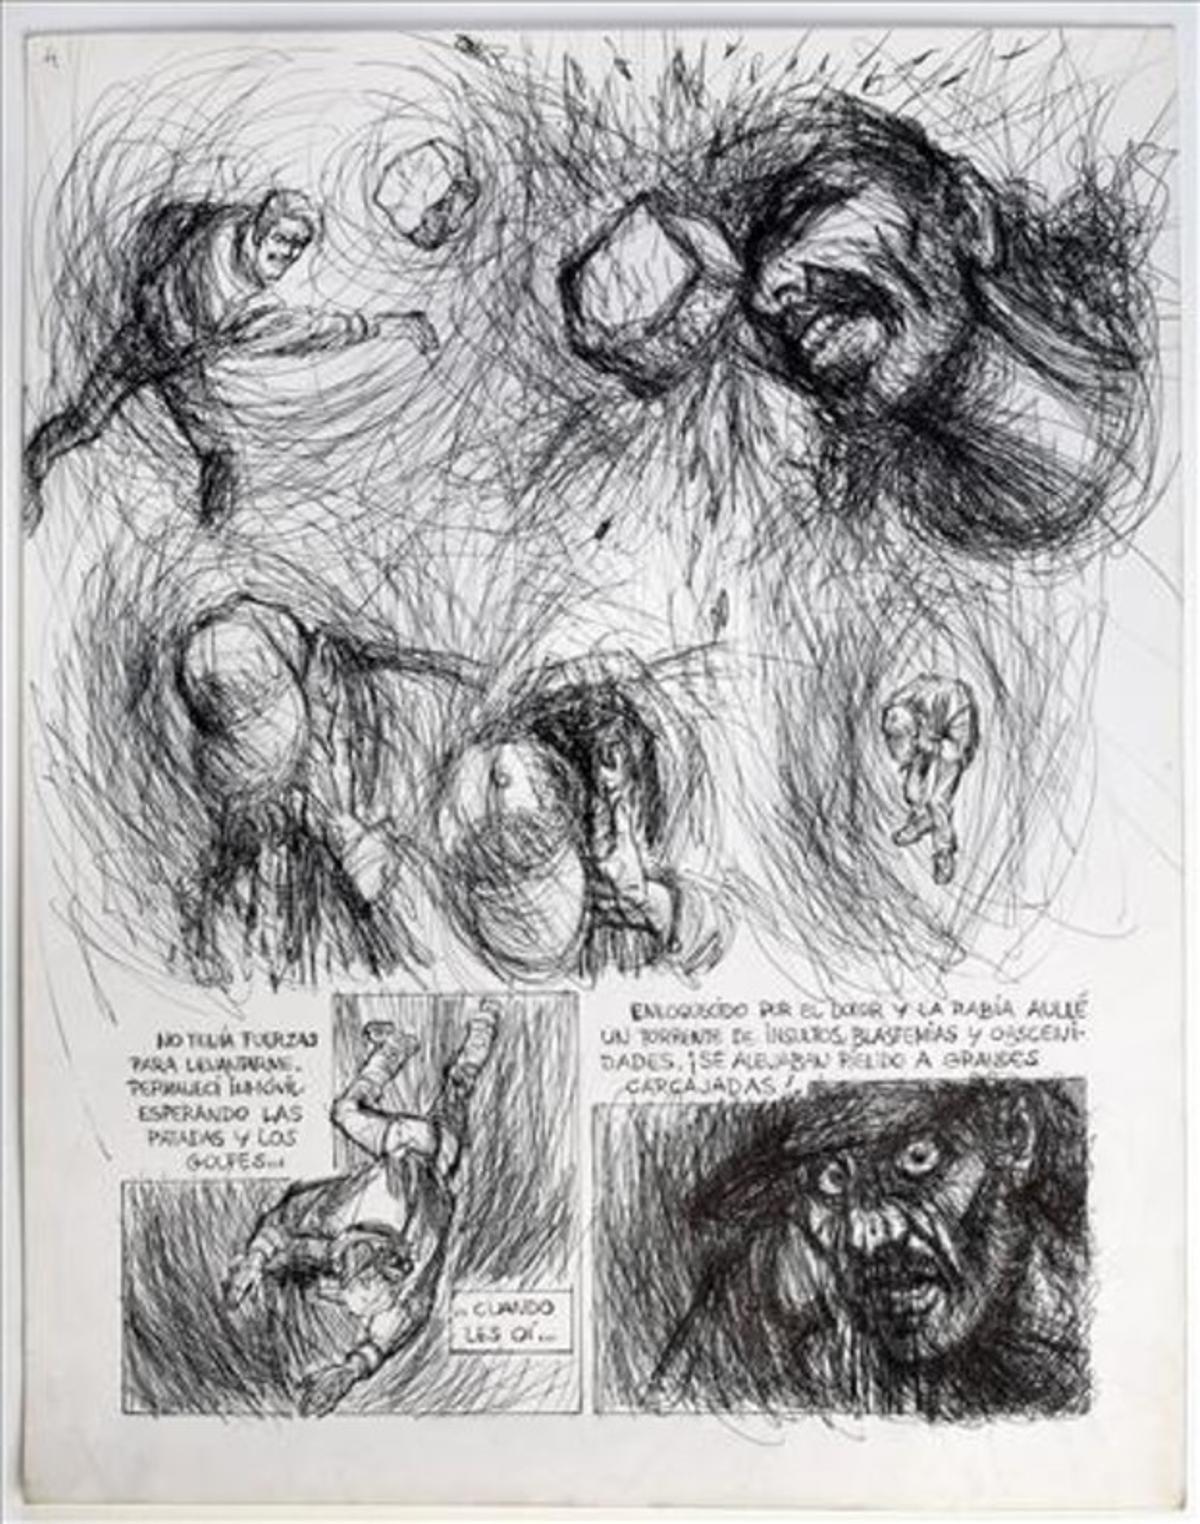 Miguel Fuster dibujó la agresión que sufrió en el Maremàgnum cuando vivía en la calle.